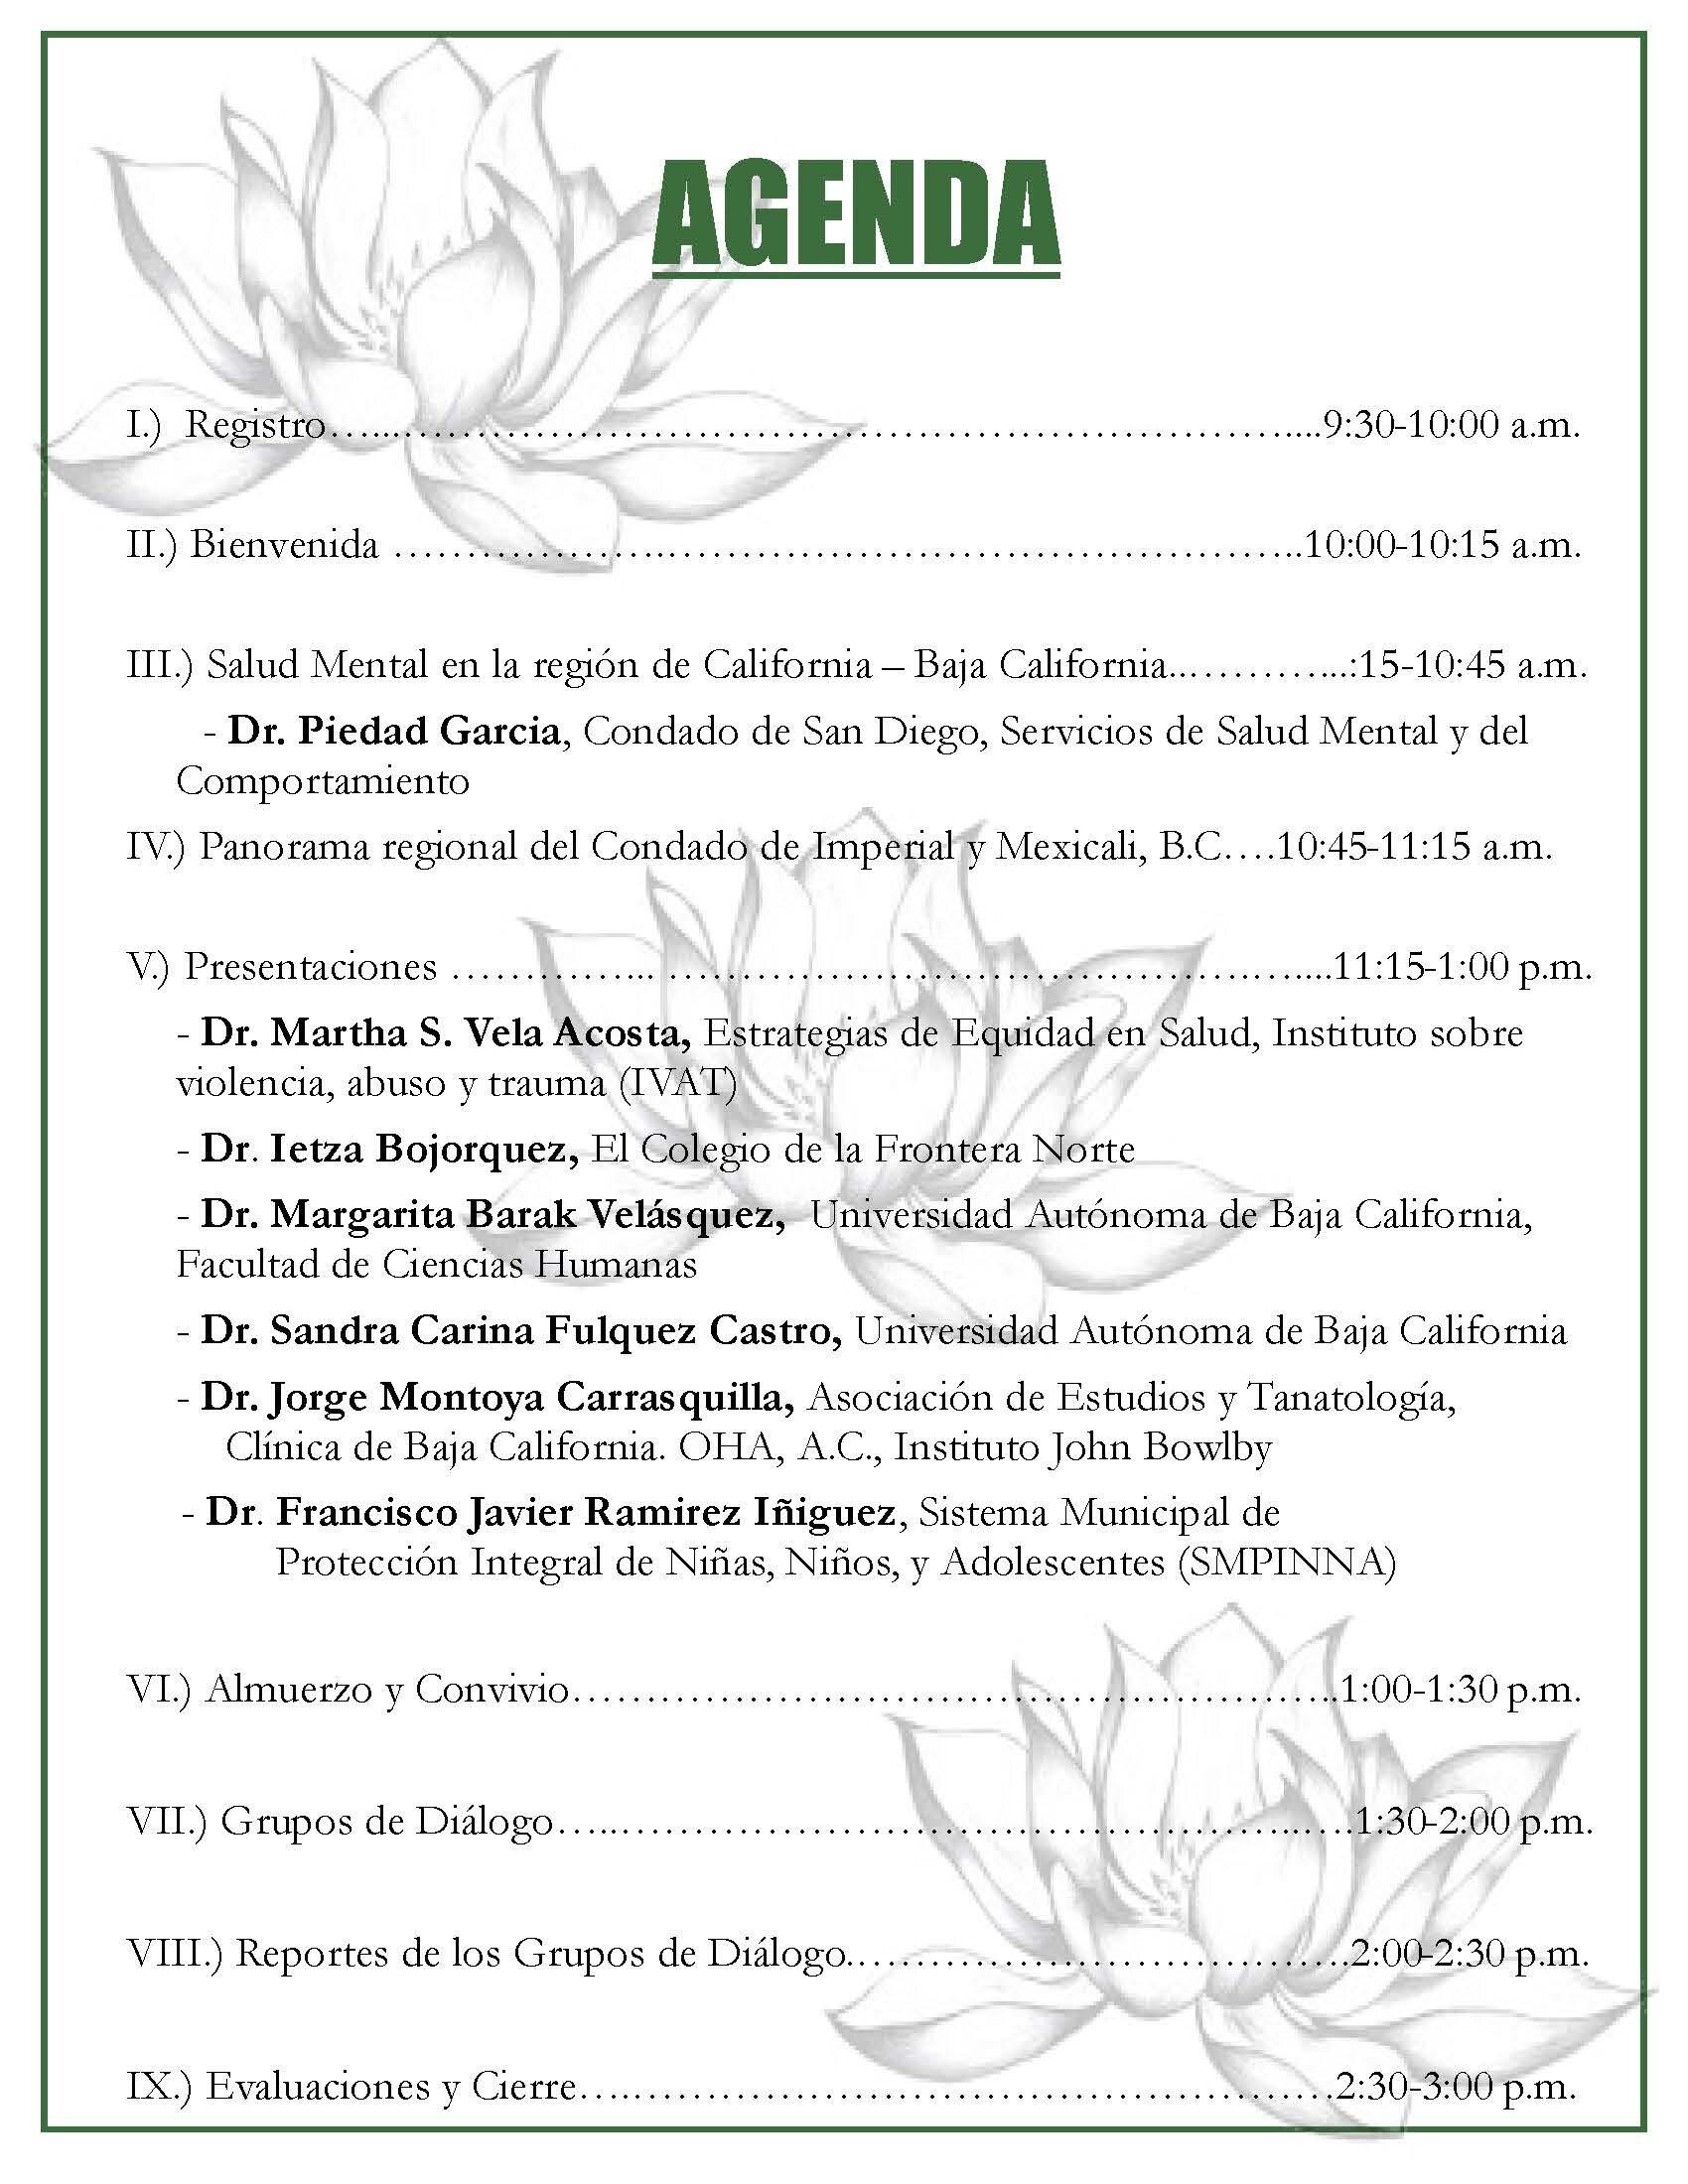 Simposio de Salud Mental 10 de OctubreVolante (1)_Page_2.jpg